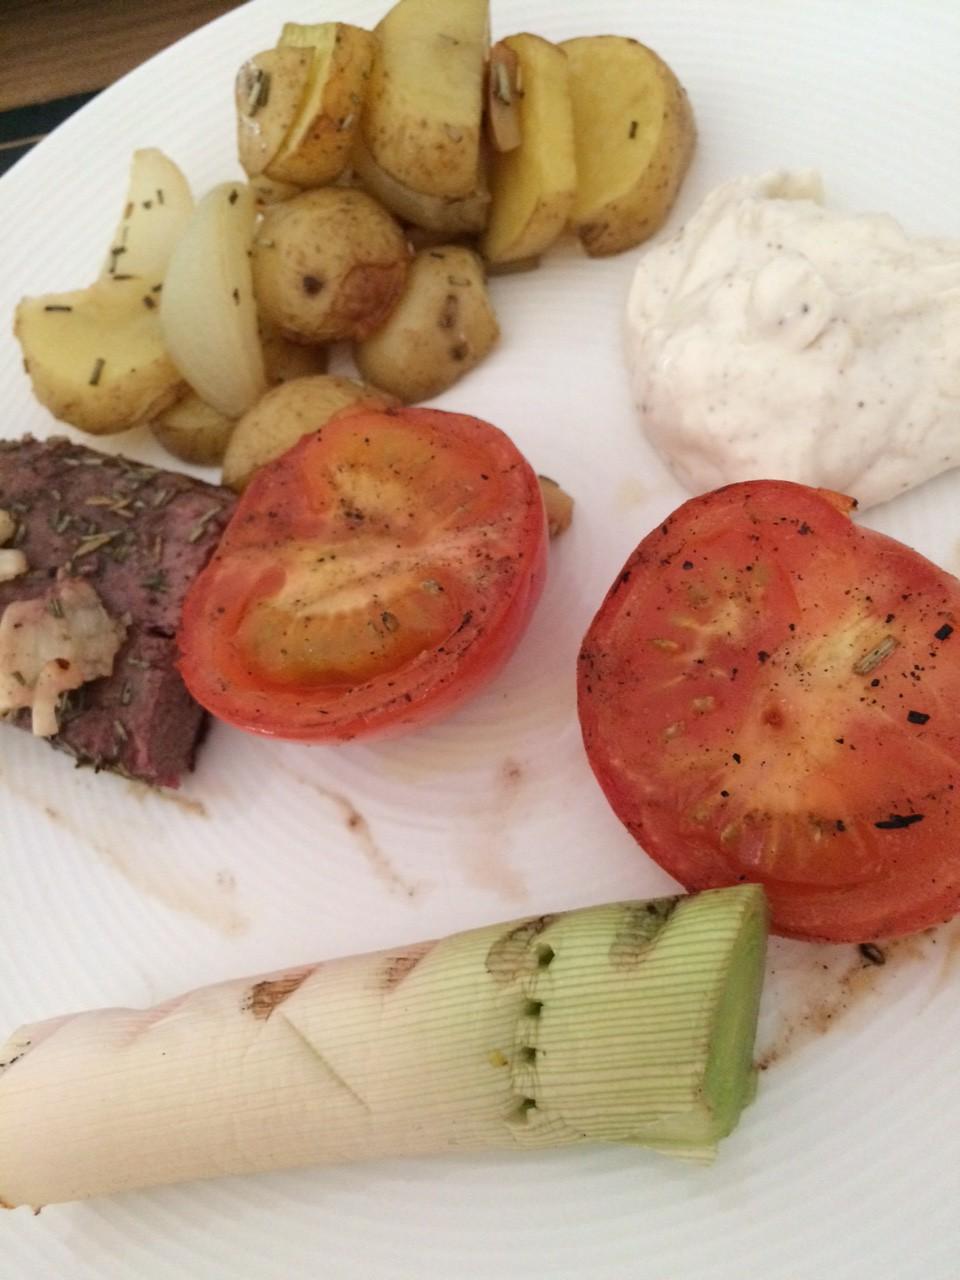 Dagens grill: Lammytterfilé med ugnsrostad potatis